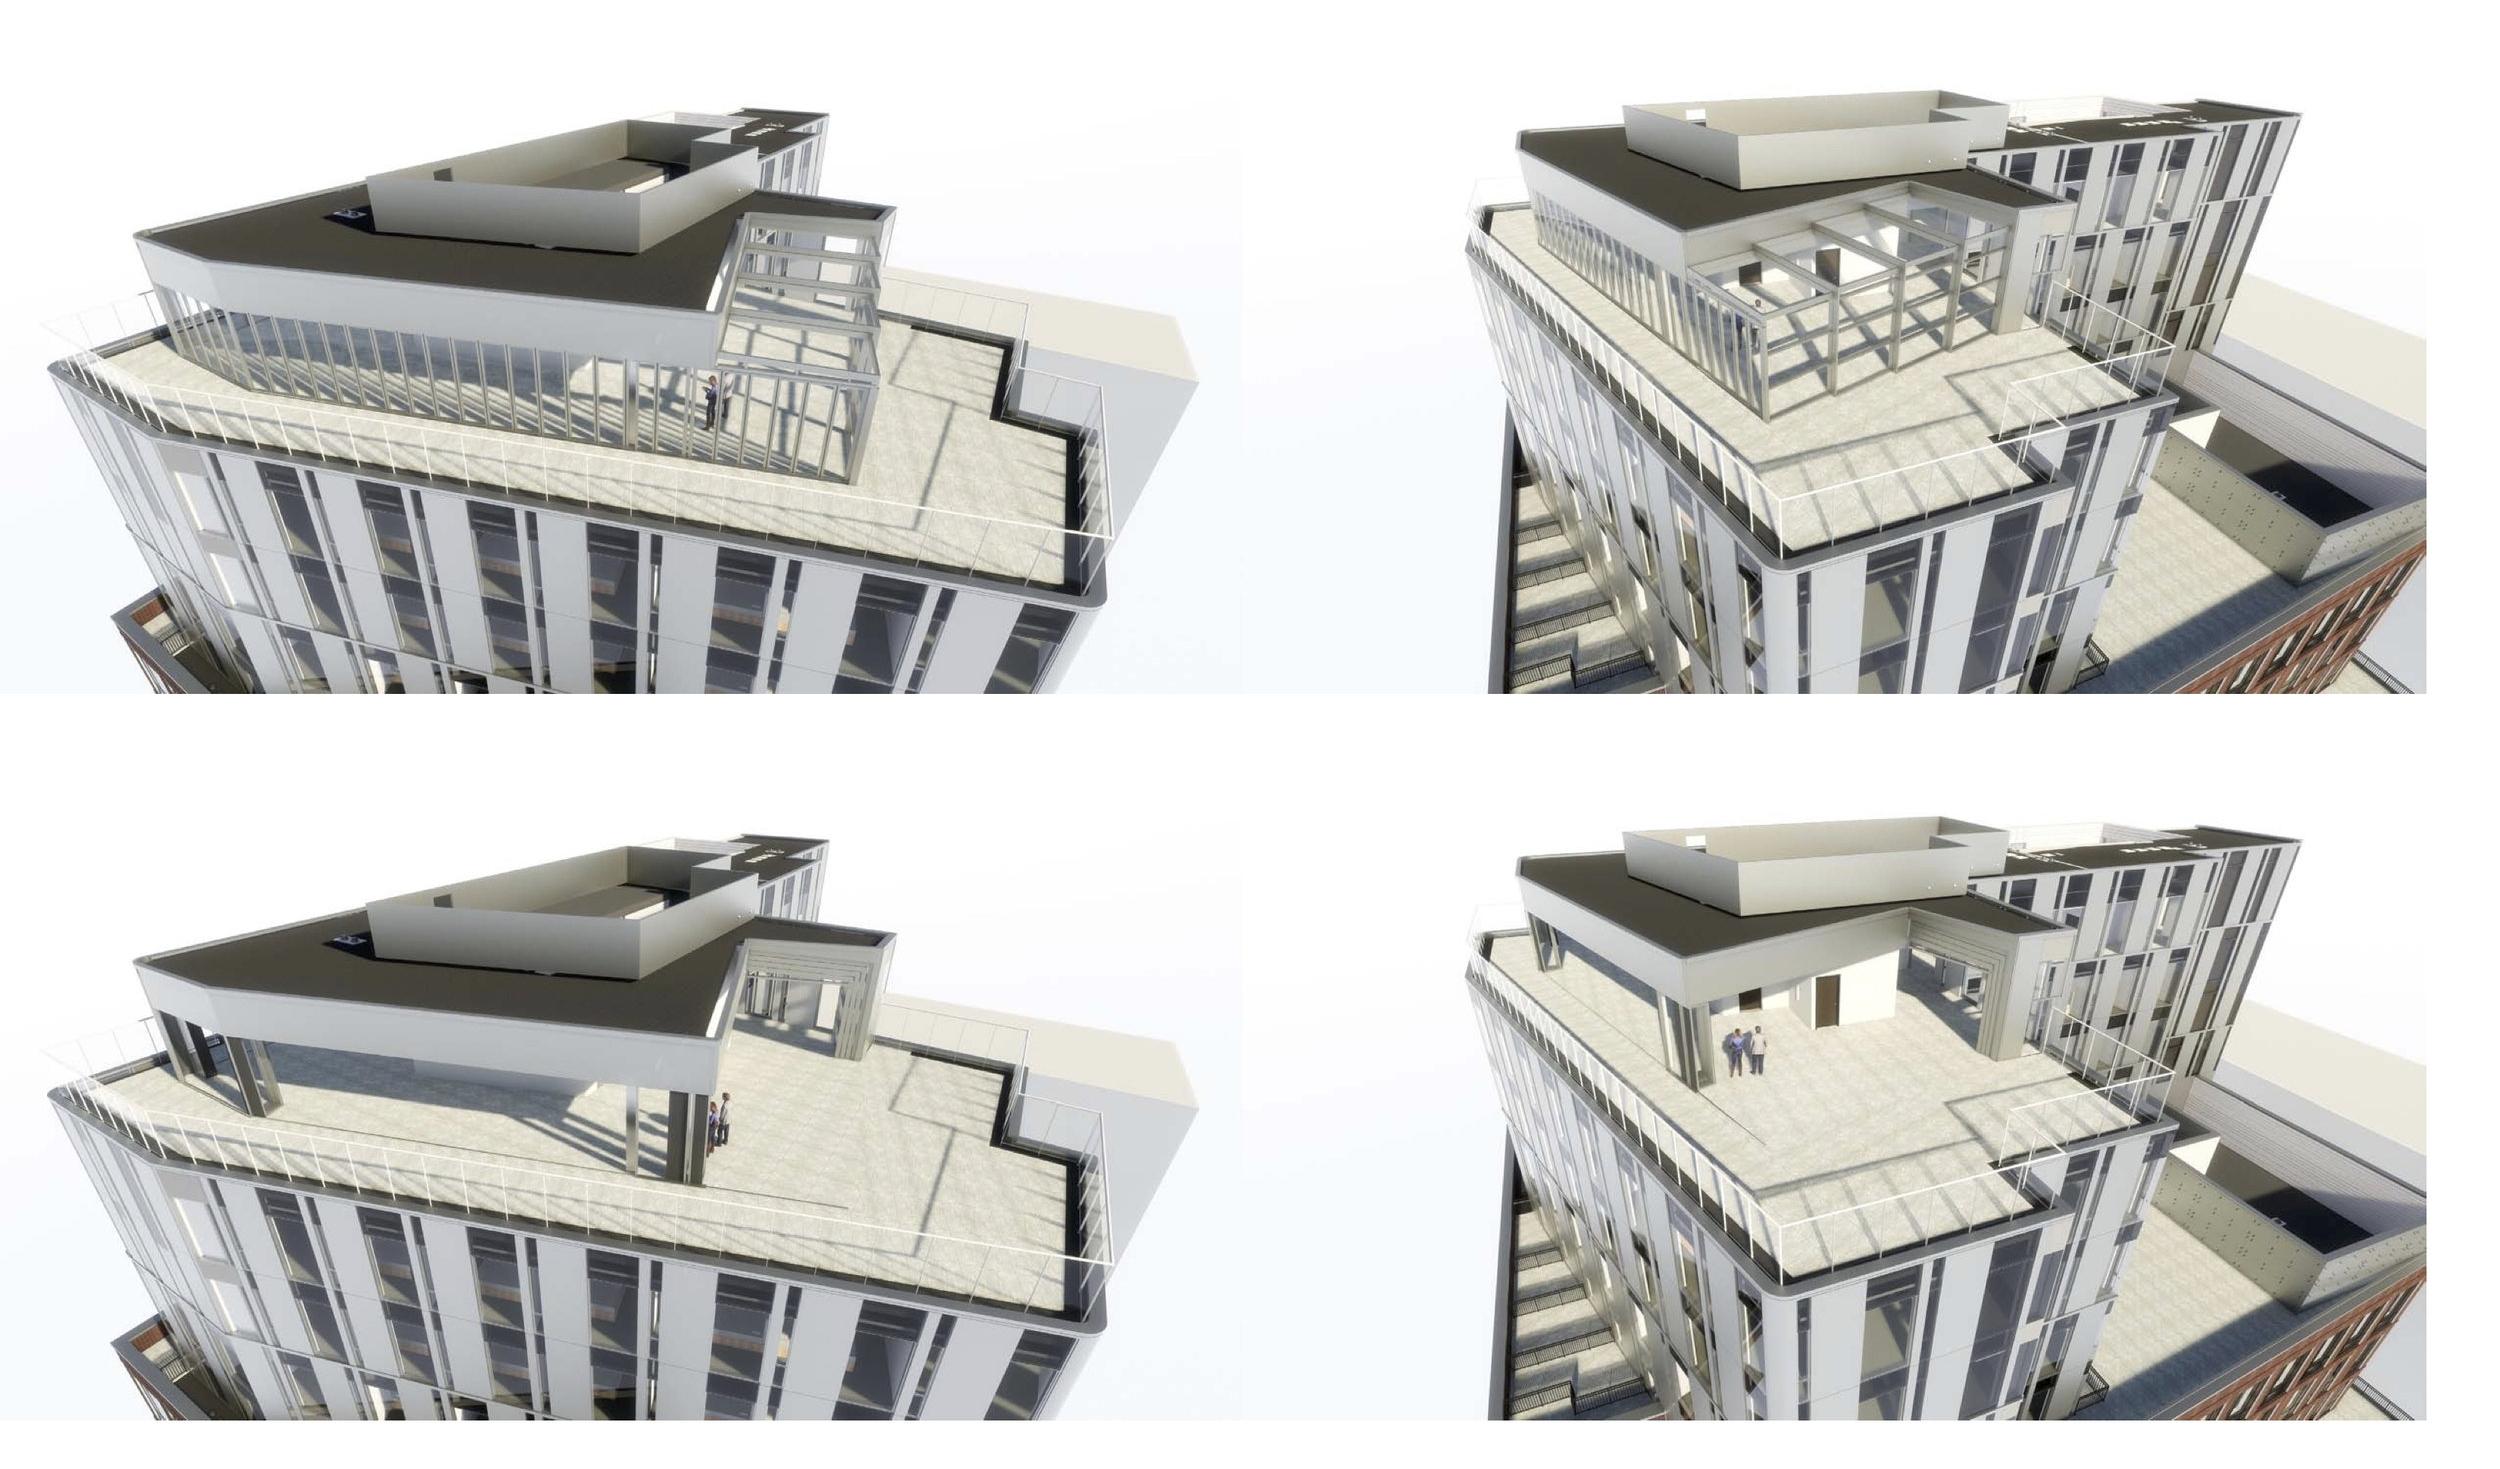 800NHigh_RoofStudies_170915 (dragged).jpg